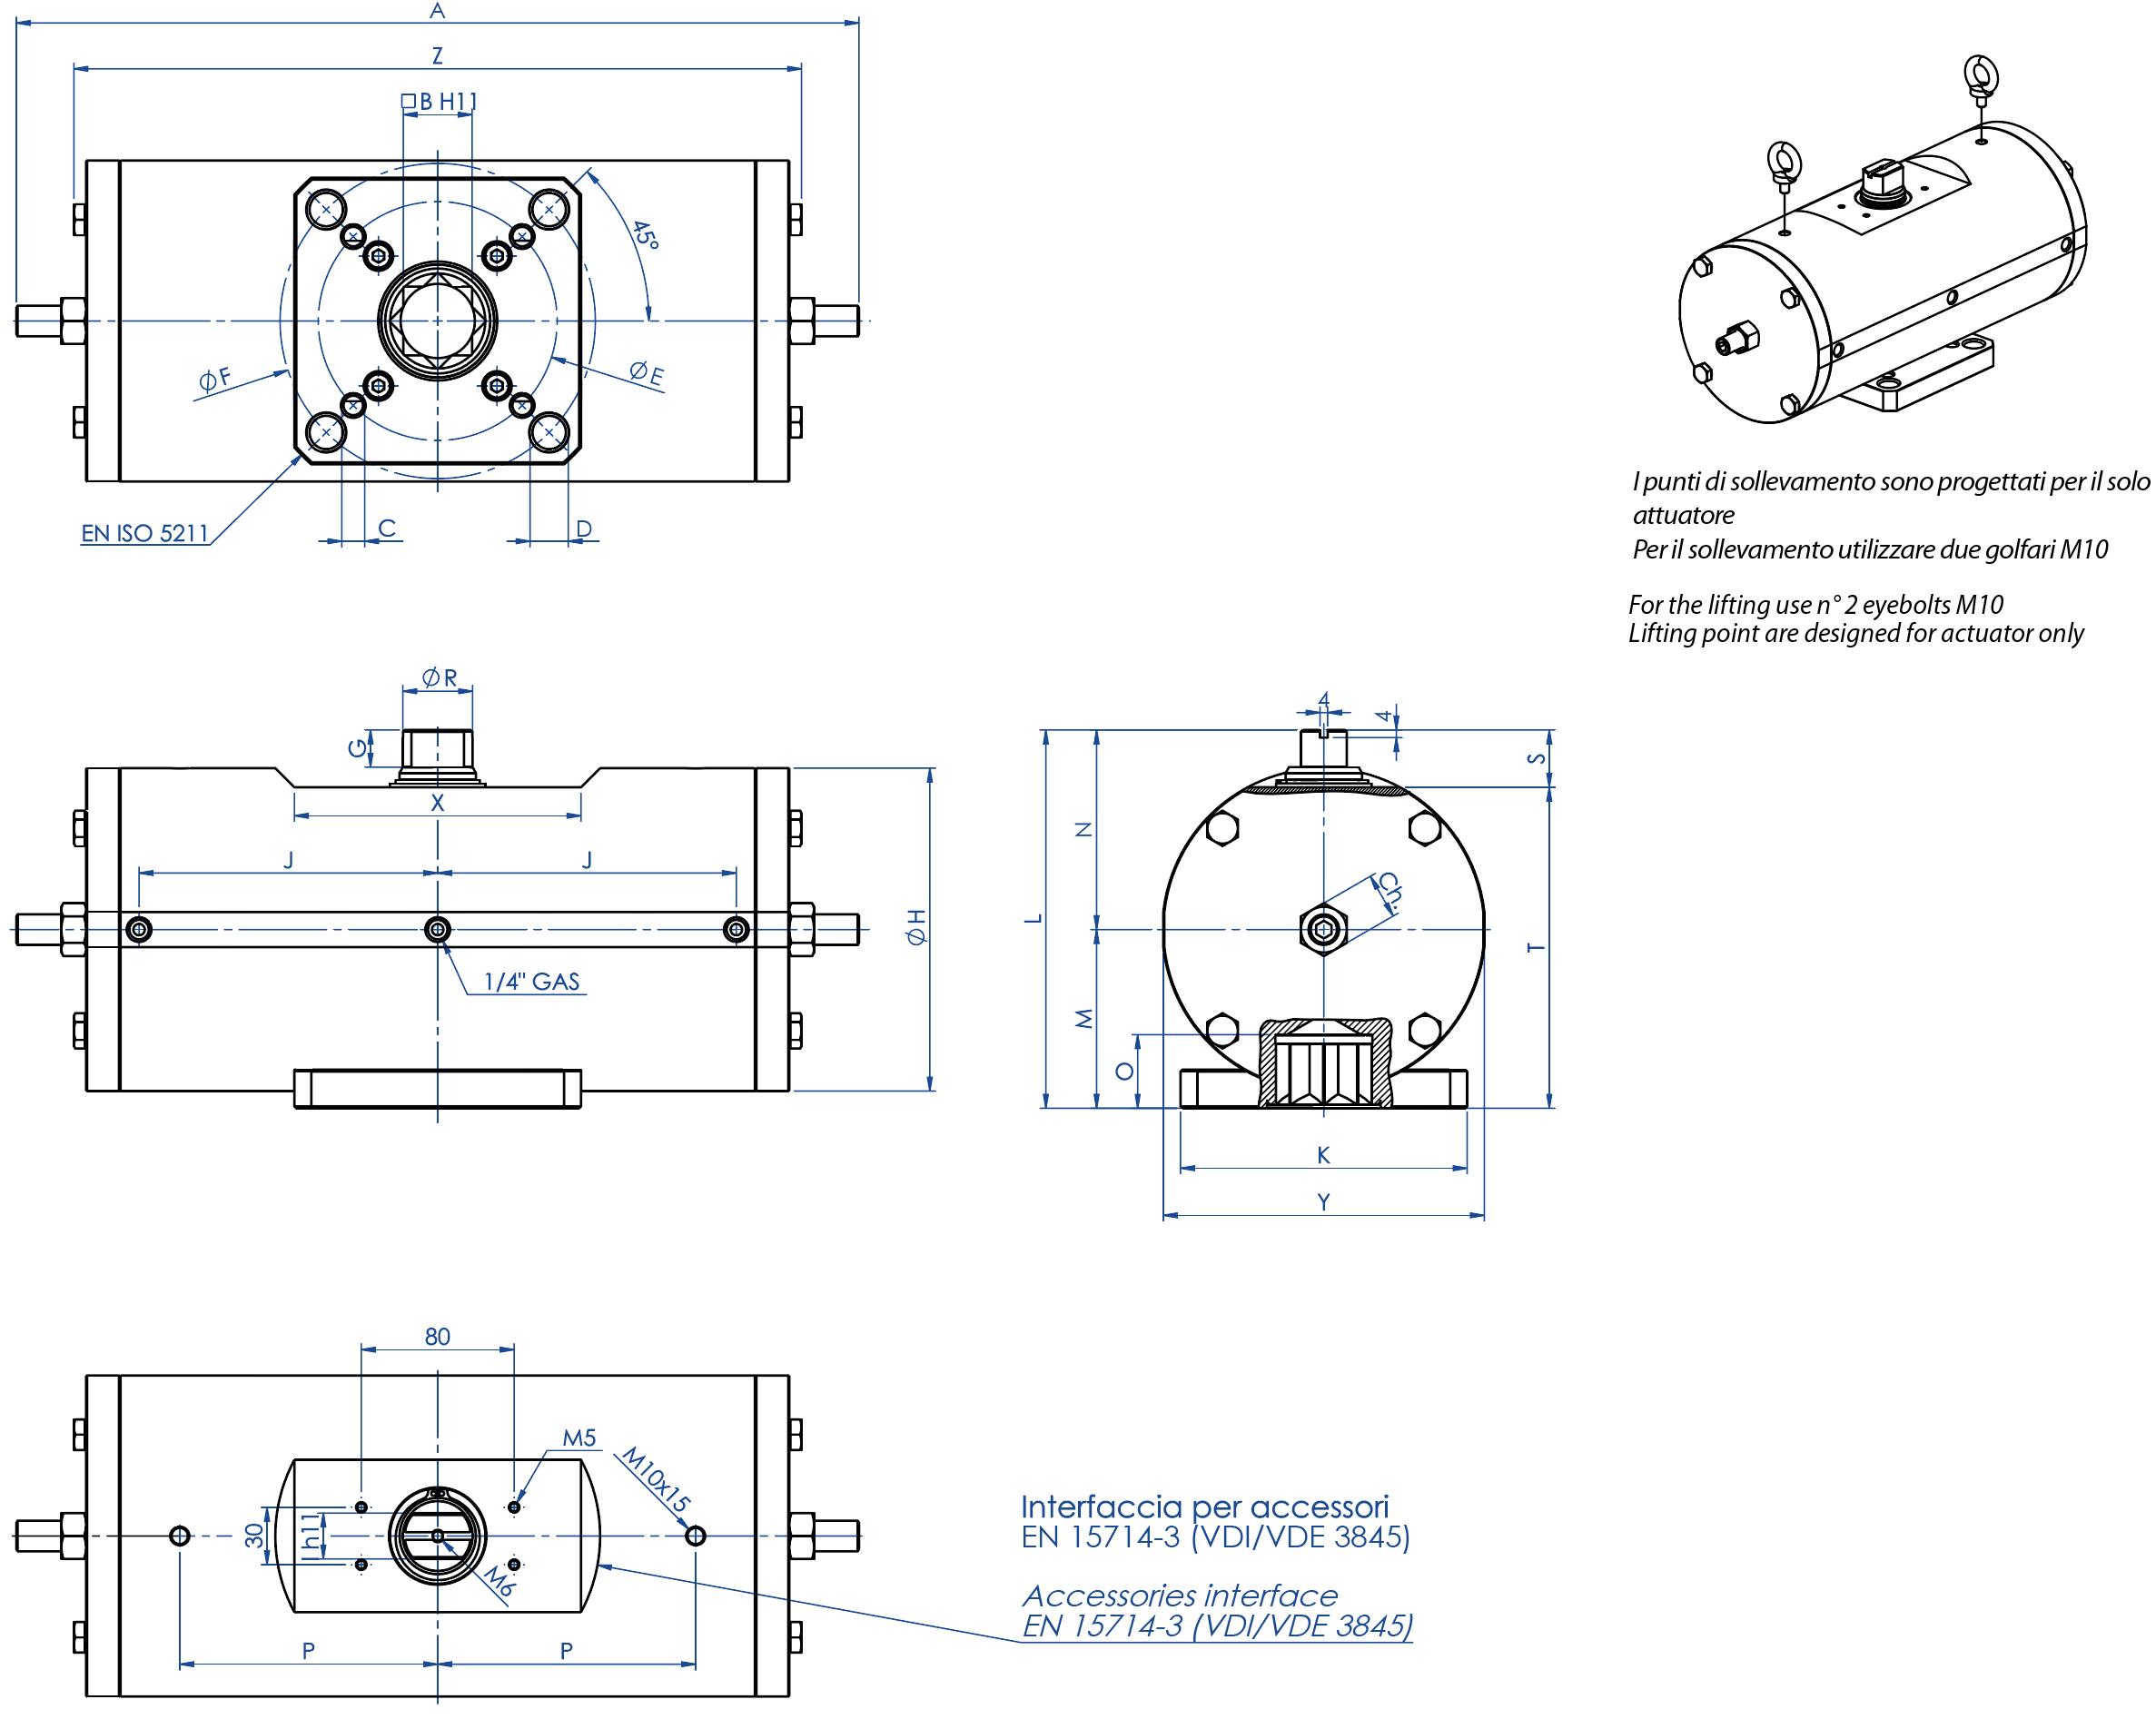 Doppeltwirkender pneumatischer Stellantrieb GD aus Edelstahl 316 Stabstahl - abmessungen -